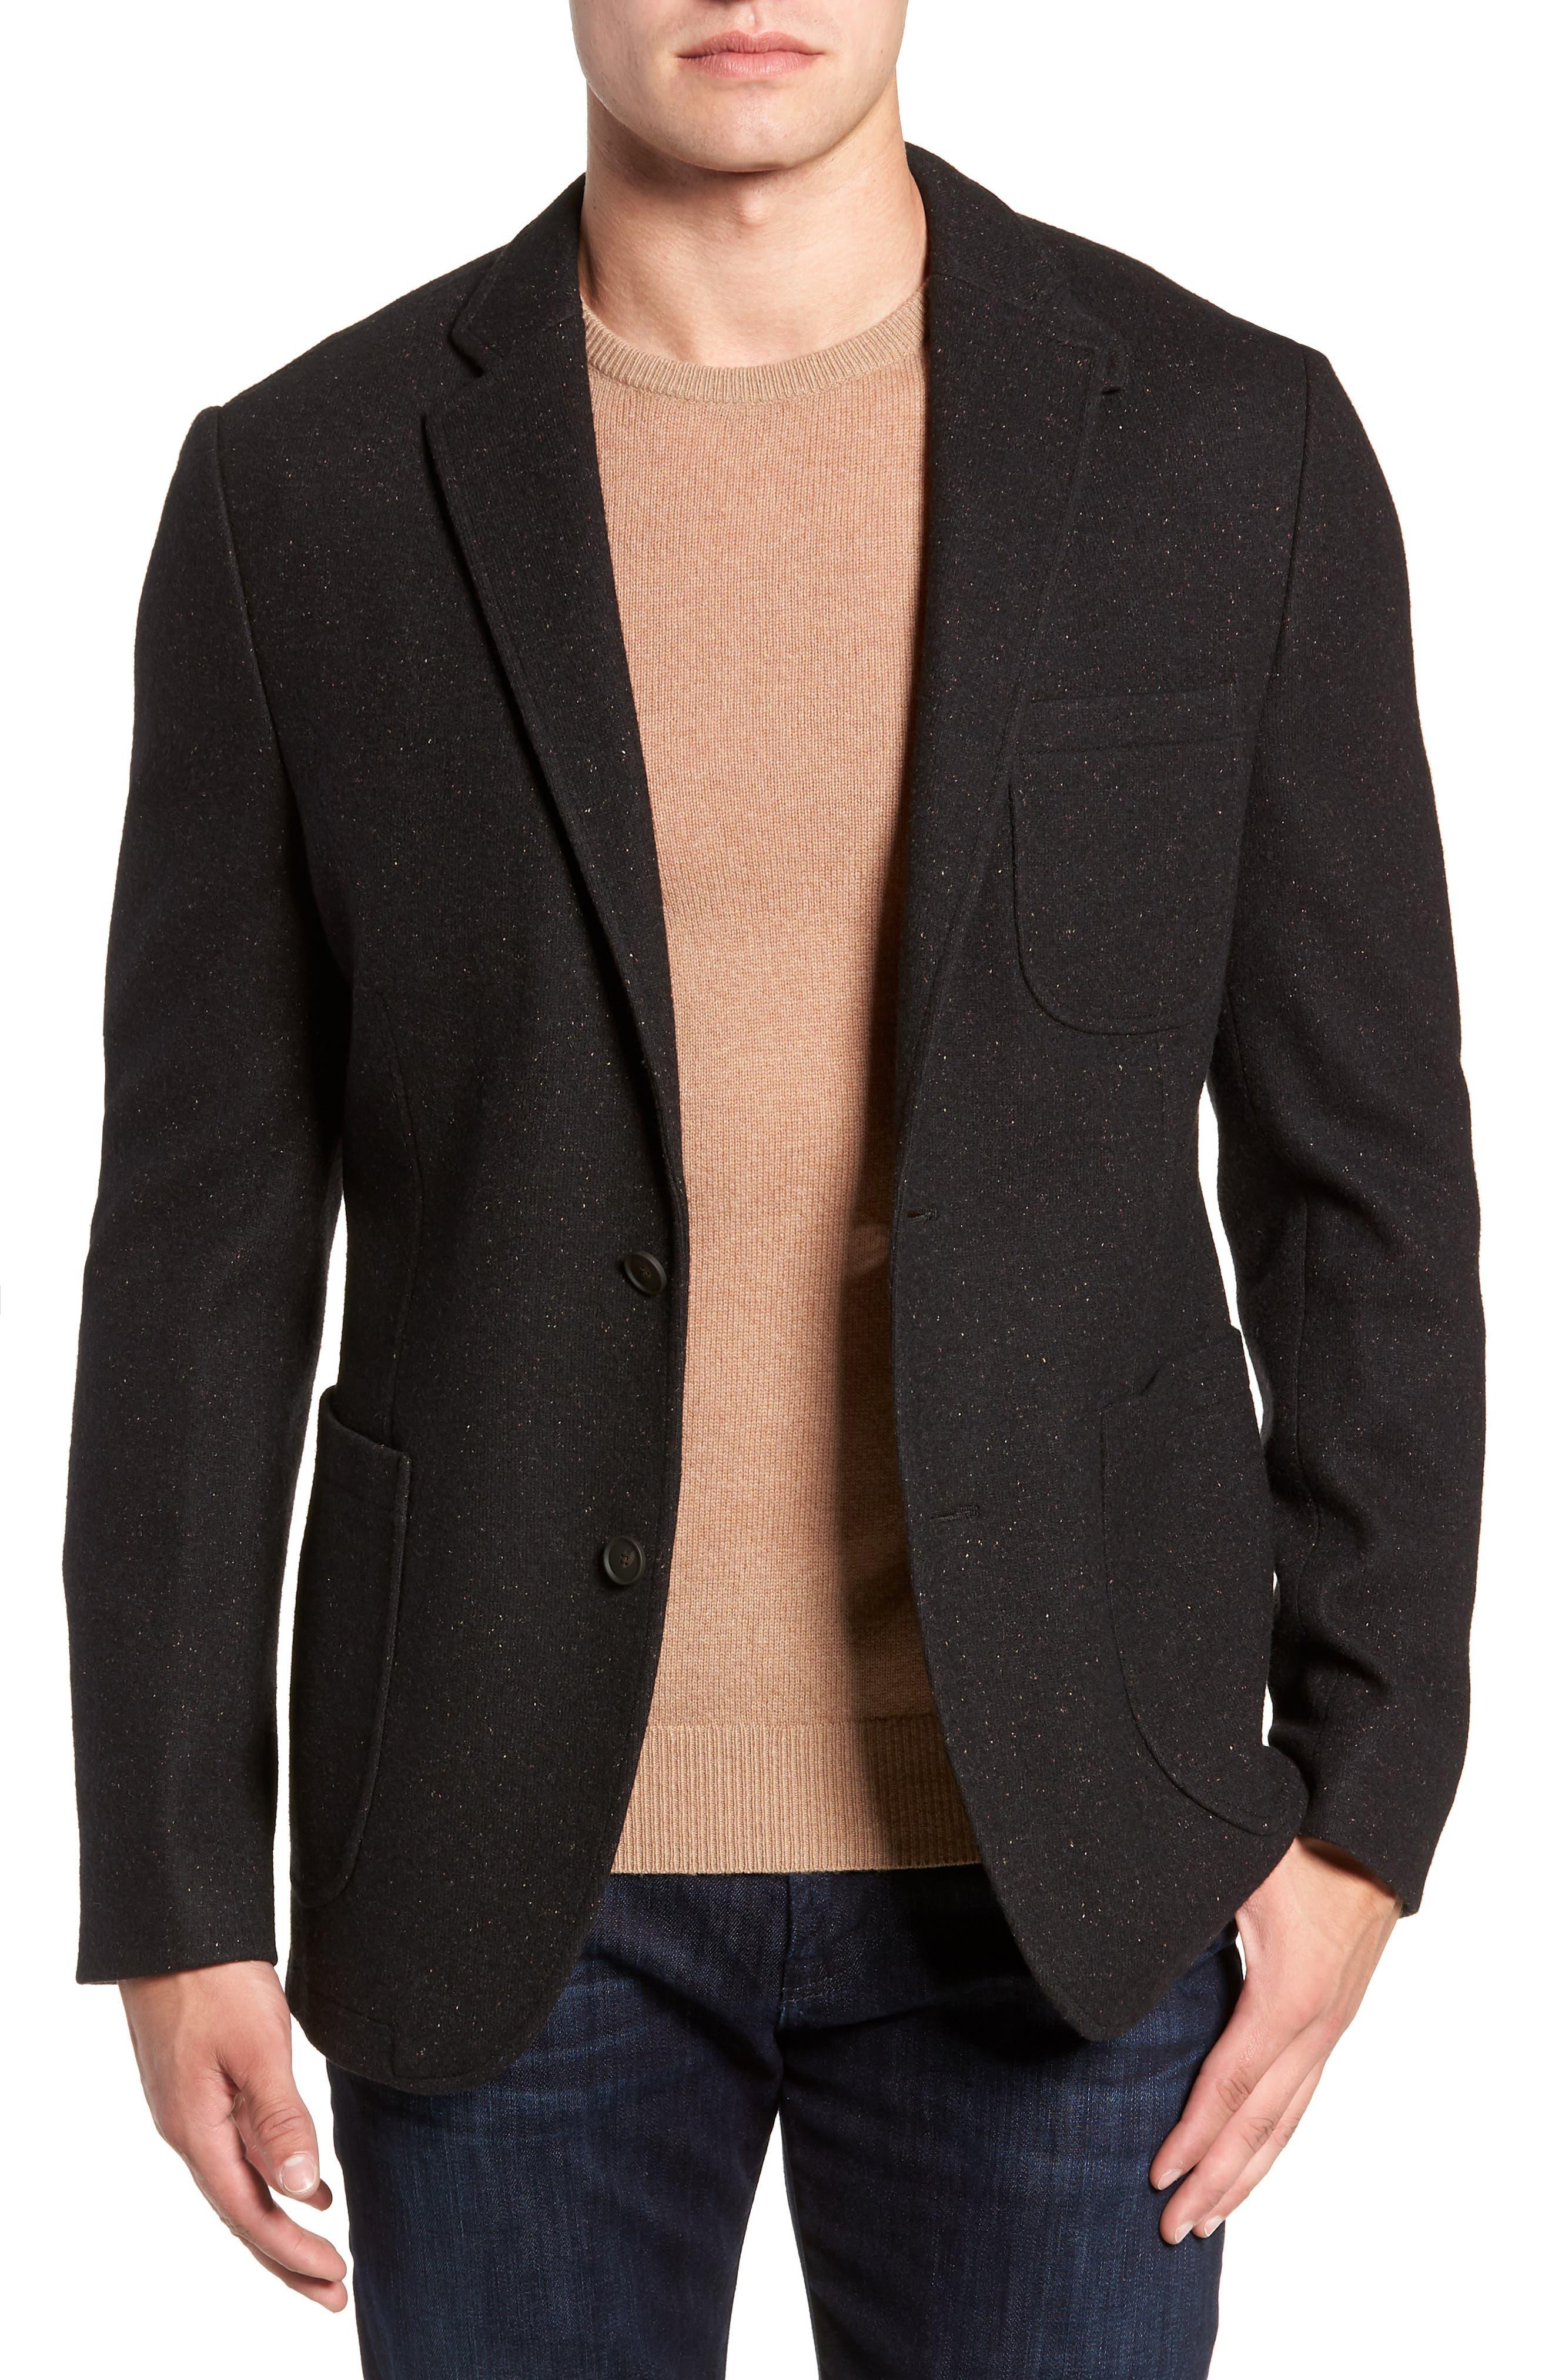 Men's Kroon White Solid Cotton Blend Sport Coat, Size 42 L - Black